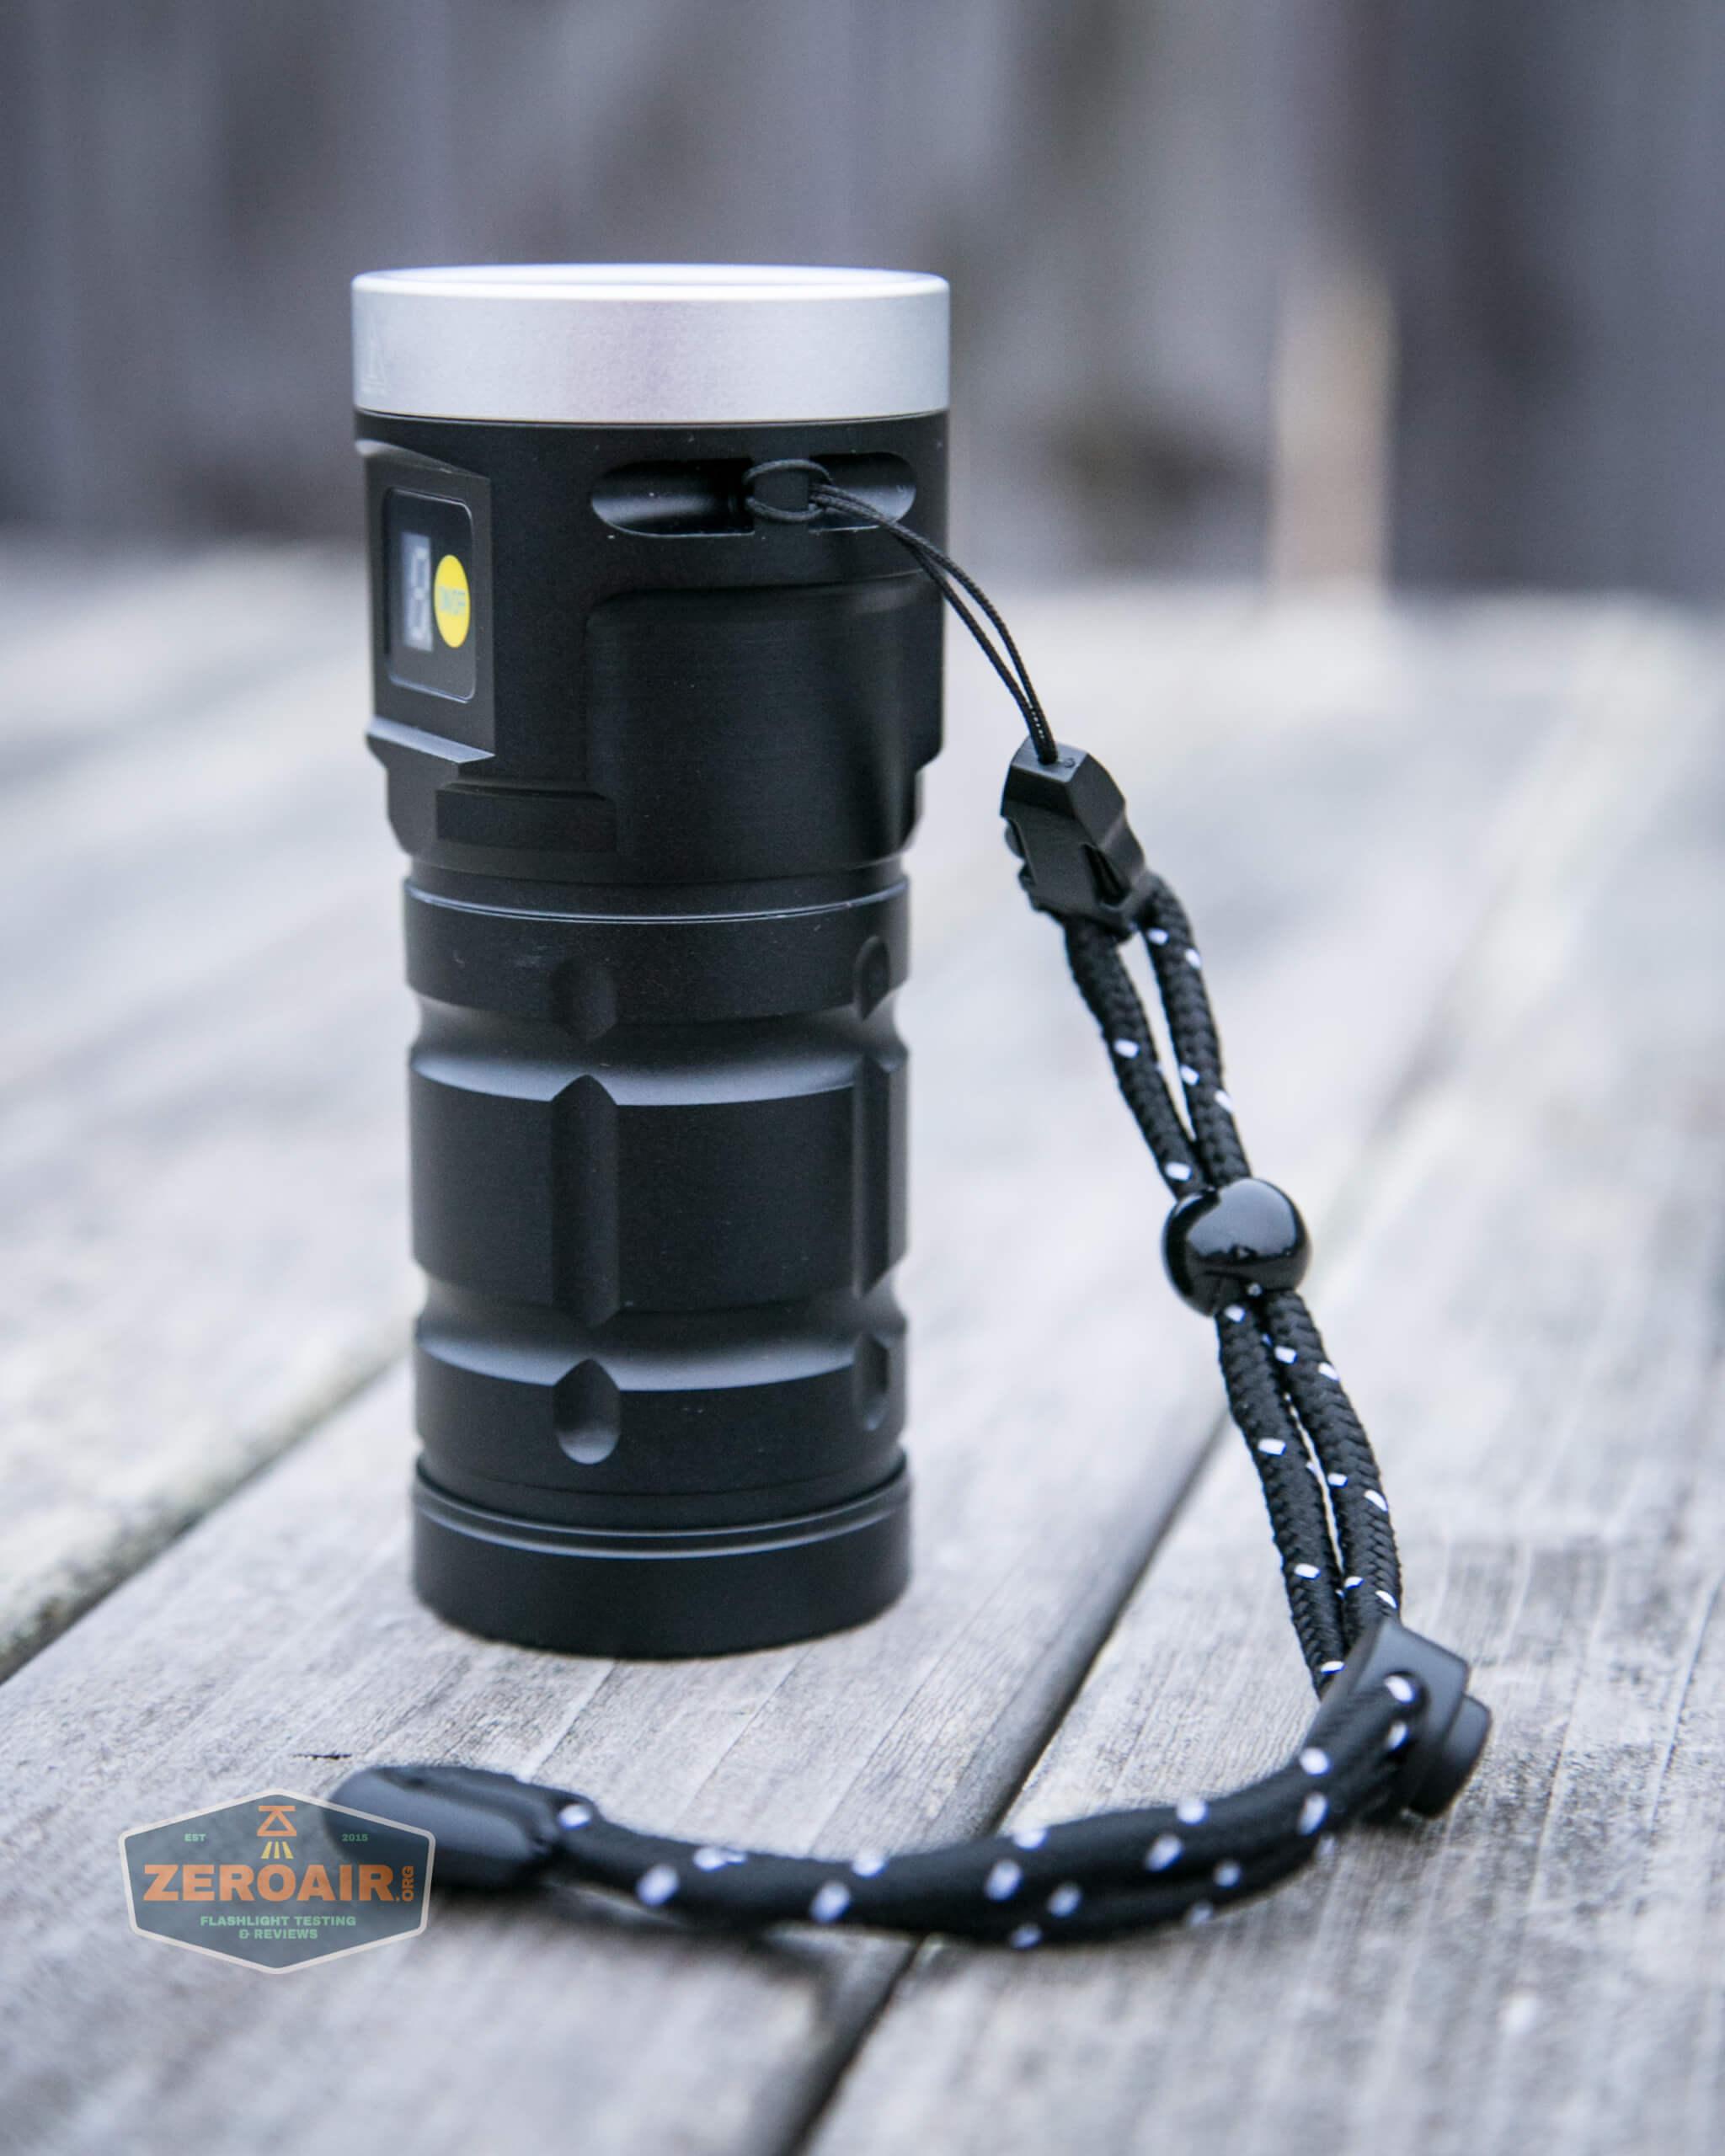 nitebeam x12uv flashlight lanyard